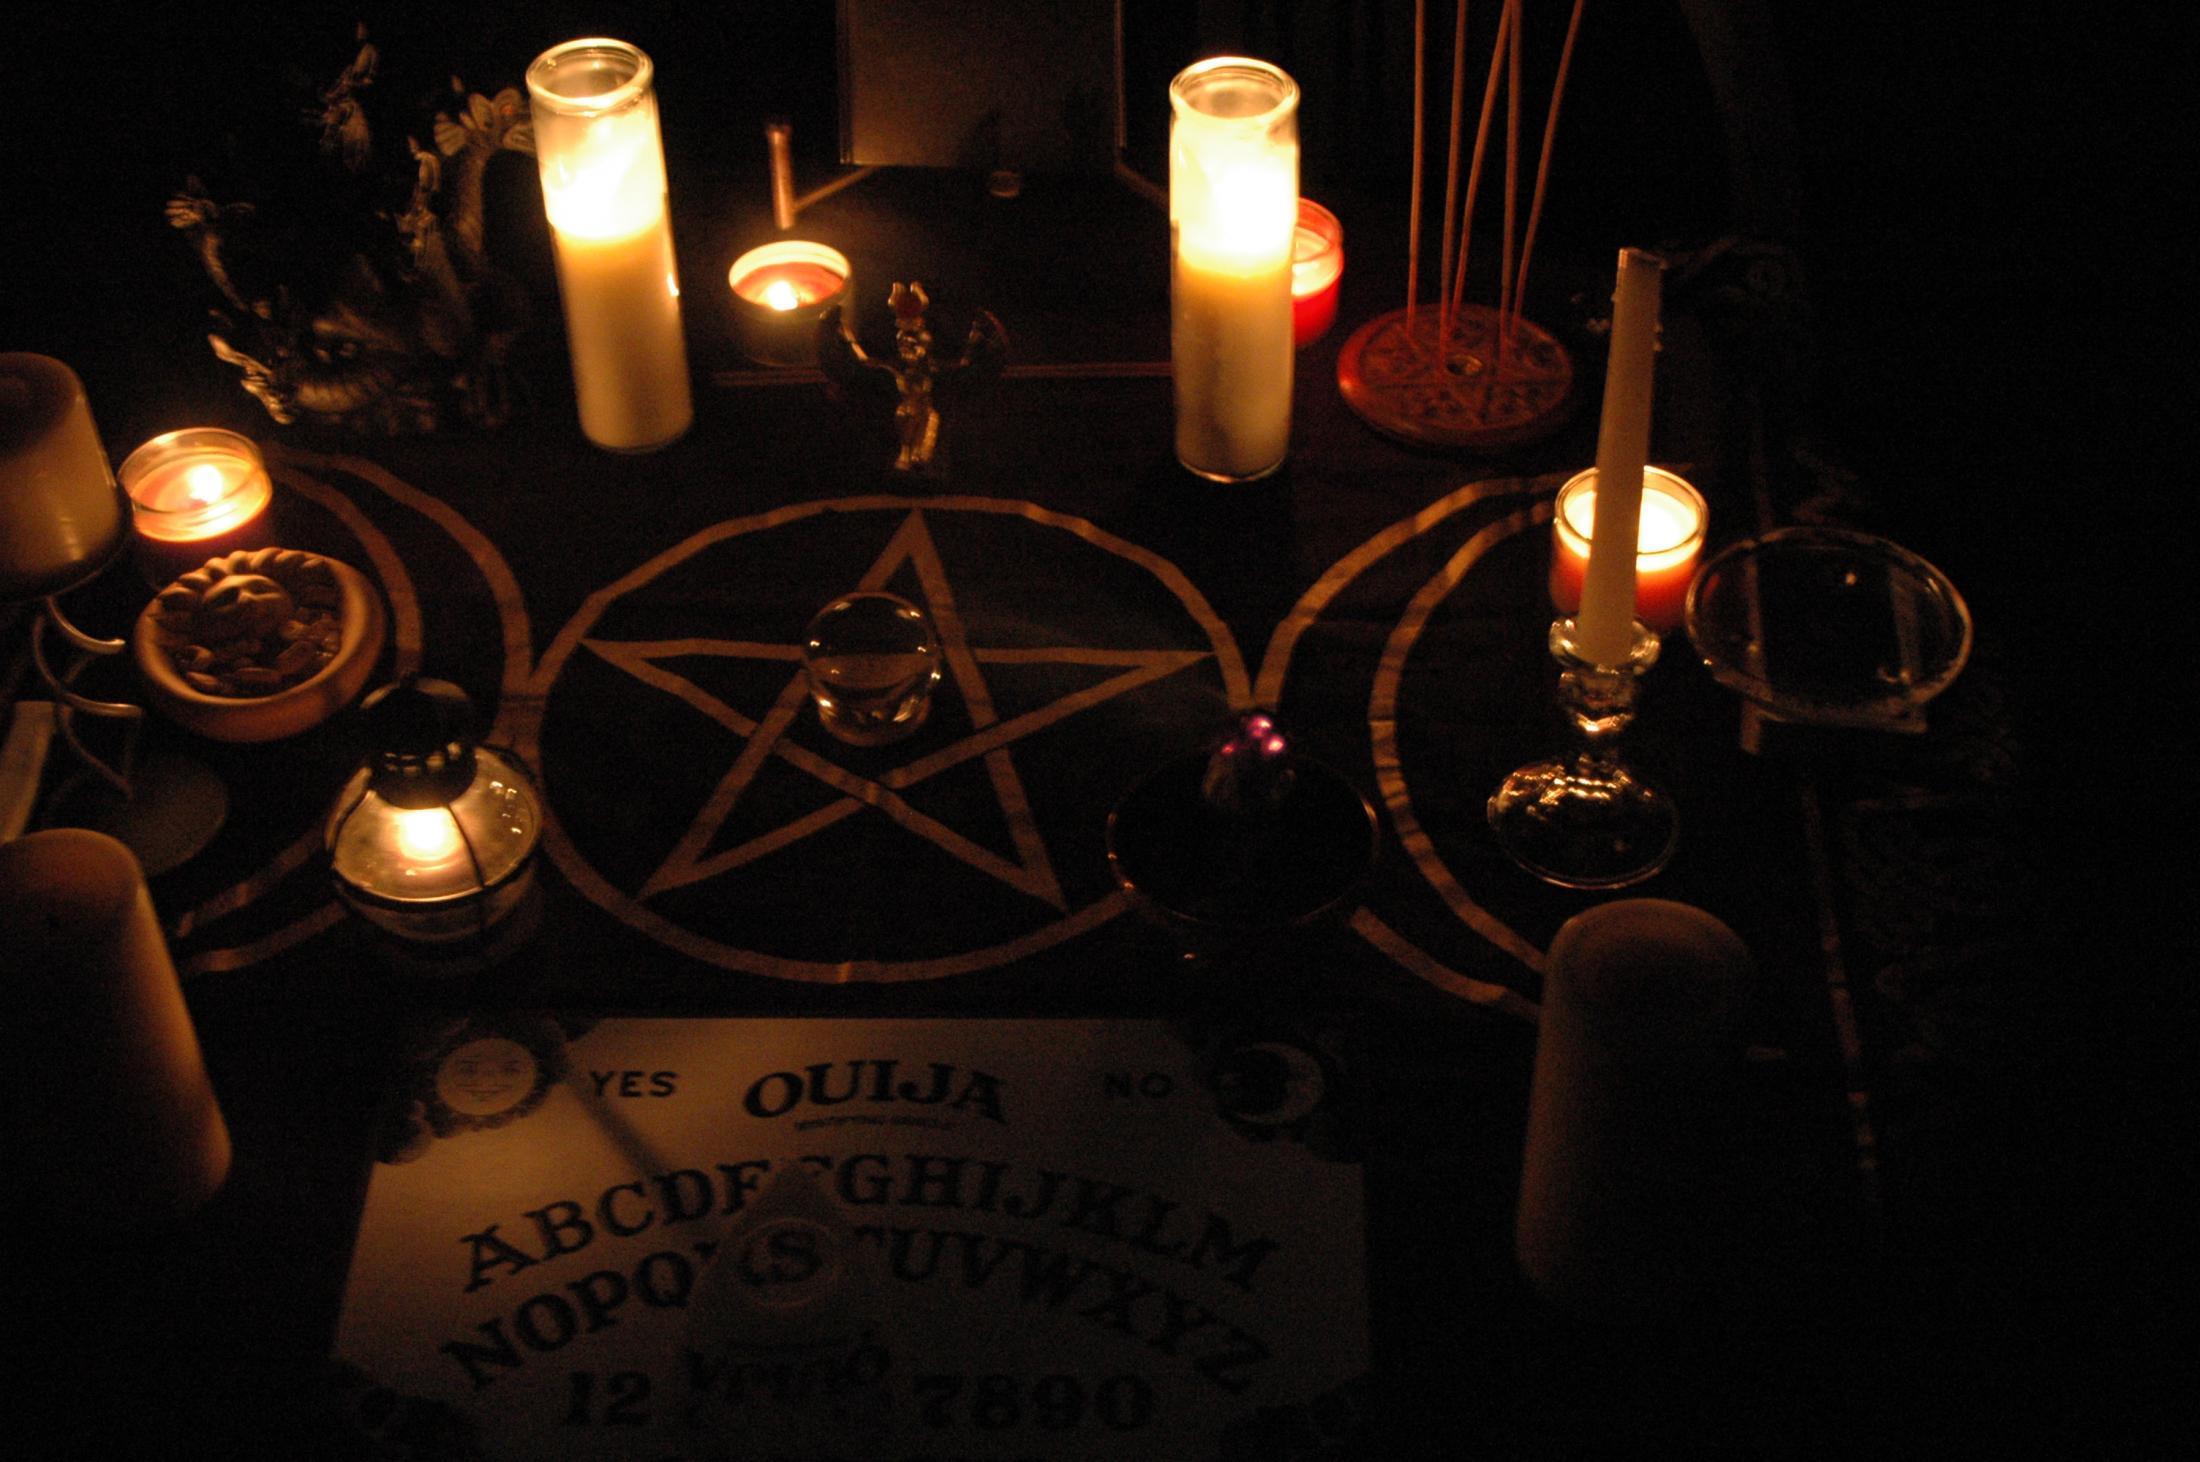 Школа черной магии гадание на картах любовь на судьбу